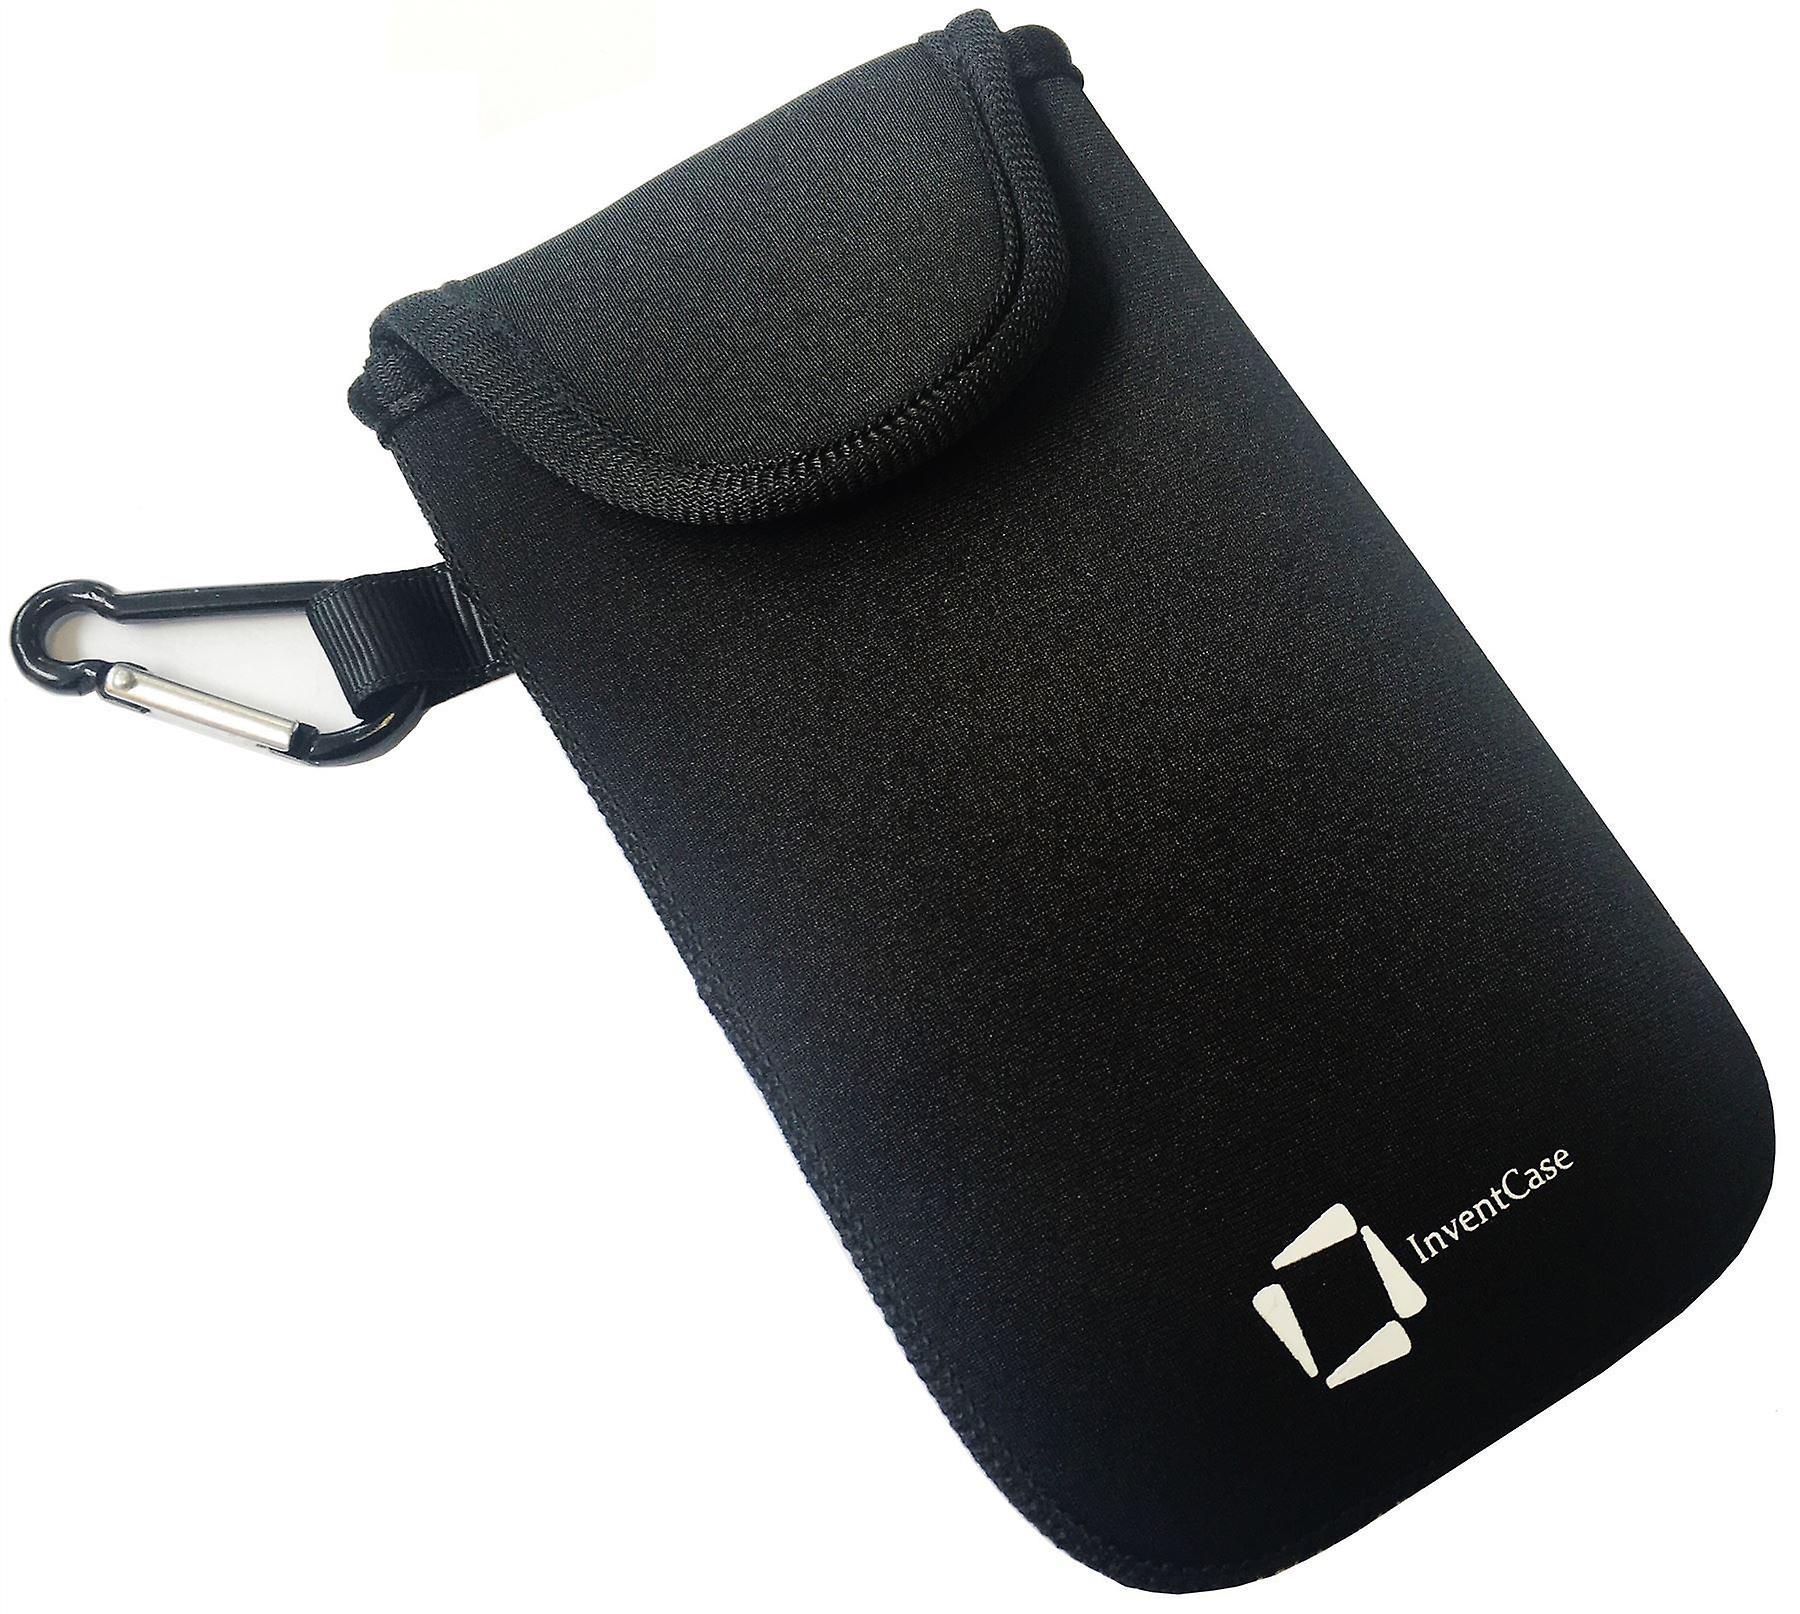 كيس تغطية القضية الحقيبة واقية مقاومة لتأثير النيوبرين إينفينتكاسي مع إغلاق Velcro والألمنيوم Carabiner على سوني إريكسون M4 أكوا--أسود